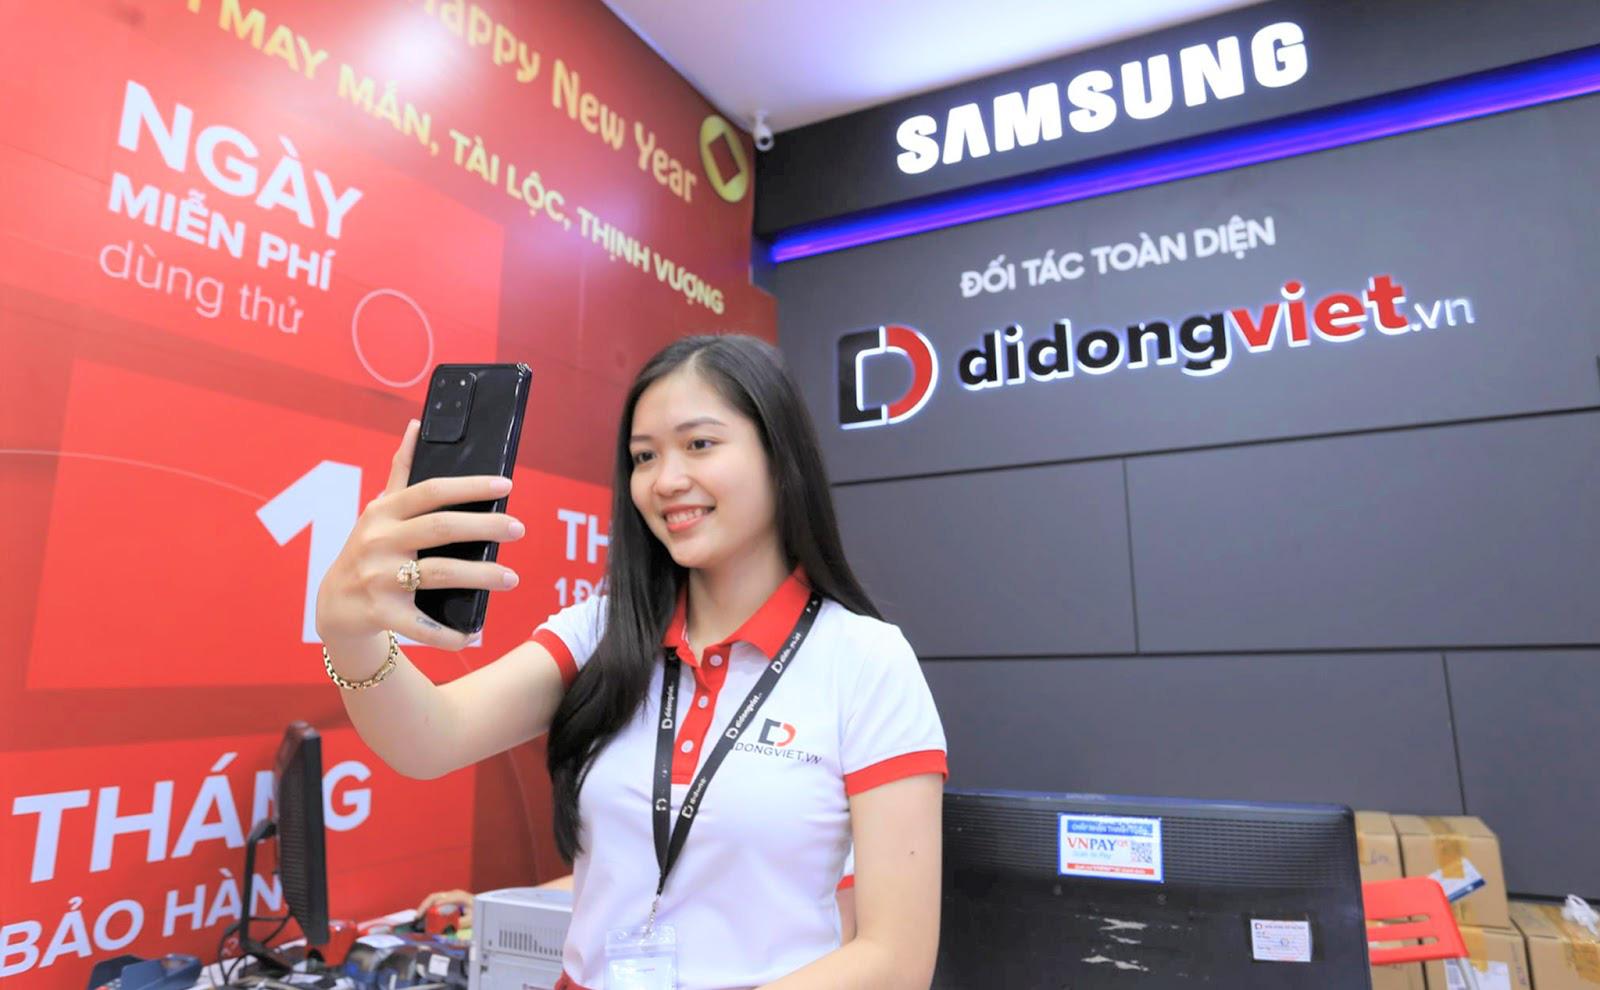 Galaxy S20, S20 Plus, S20 Ultra giá từ 16,9 triệu đồng; Di Động Việt giao hơn 300 máy cho khách trong ngày mở bán - Ảnh 1.